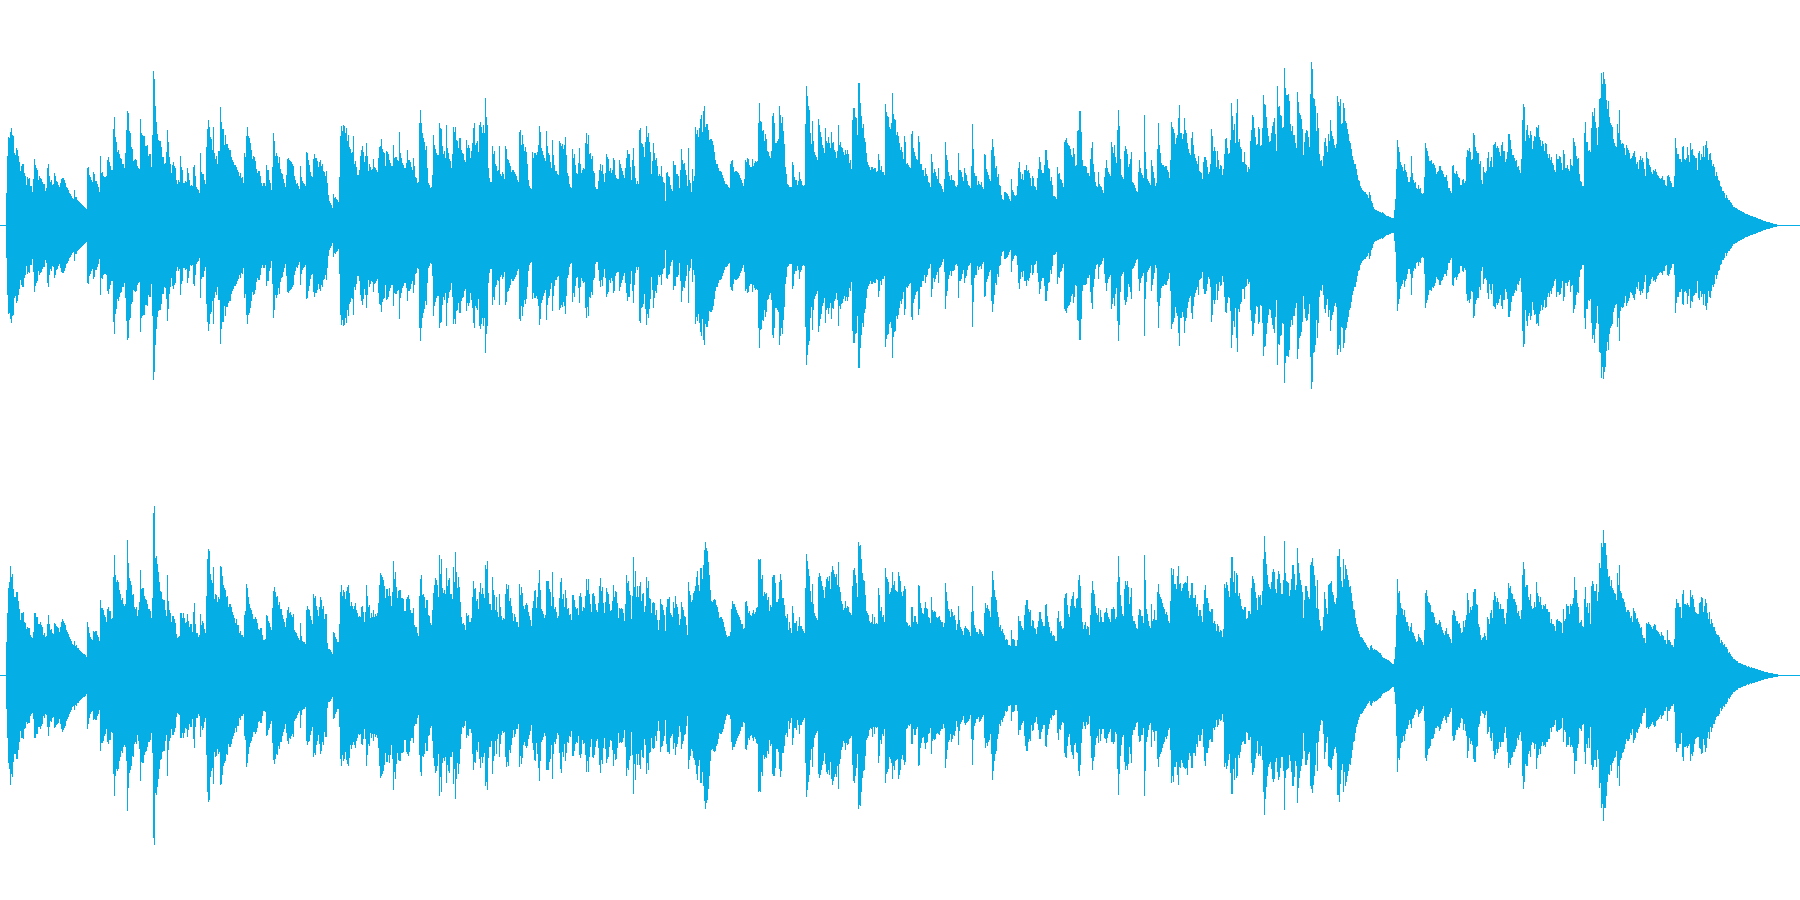 ワーグナーのニュルンベルク_オルゴール風の再生済みの波形